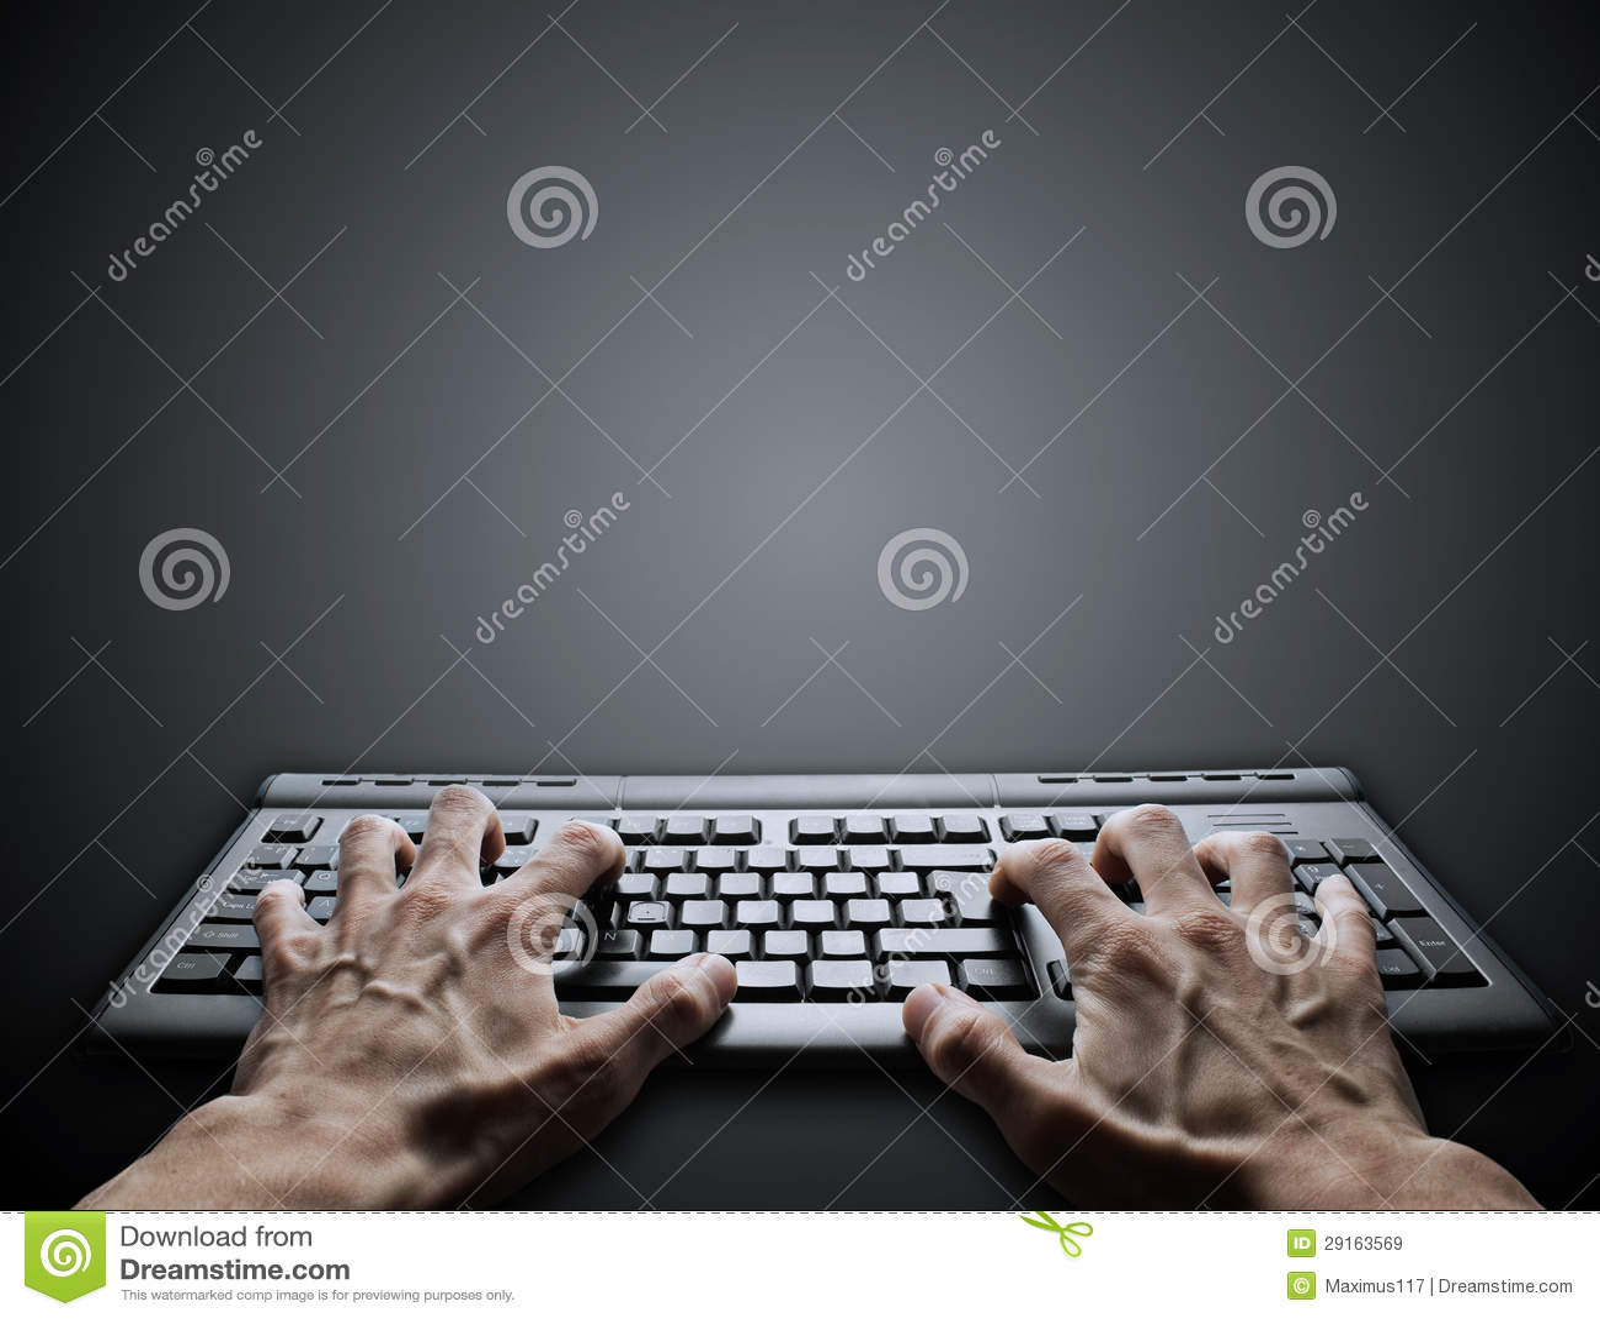 Taper dur sur le clavier